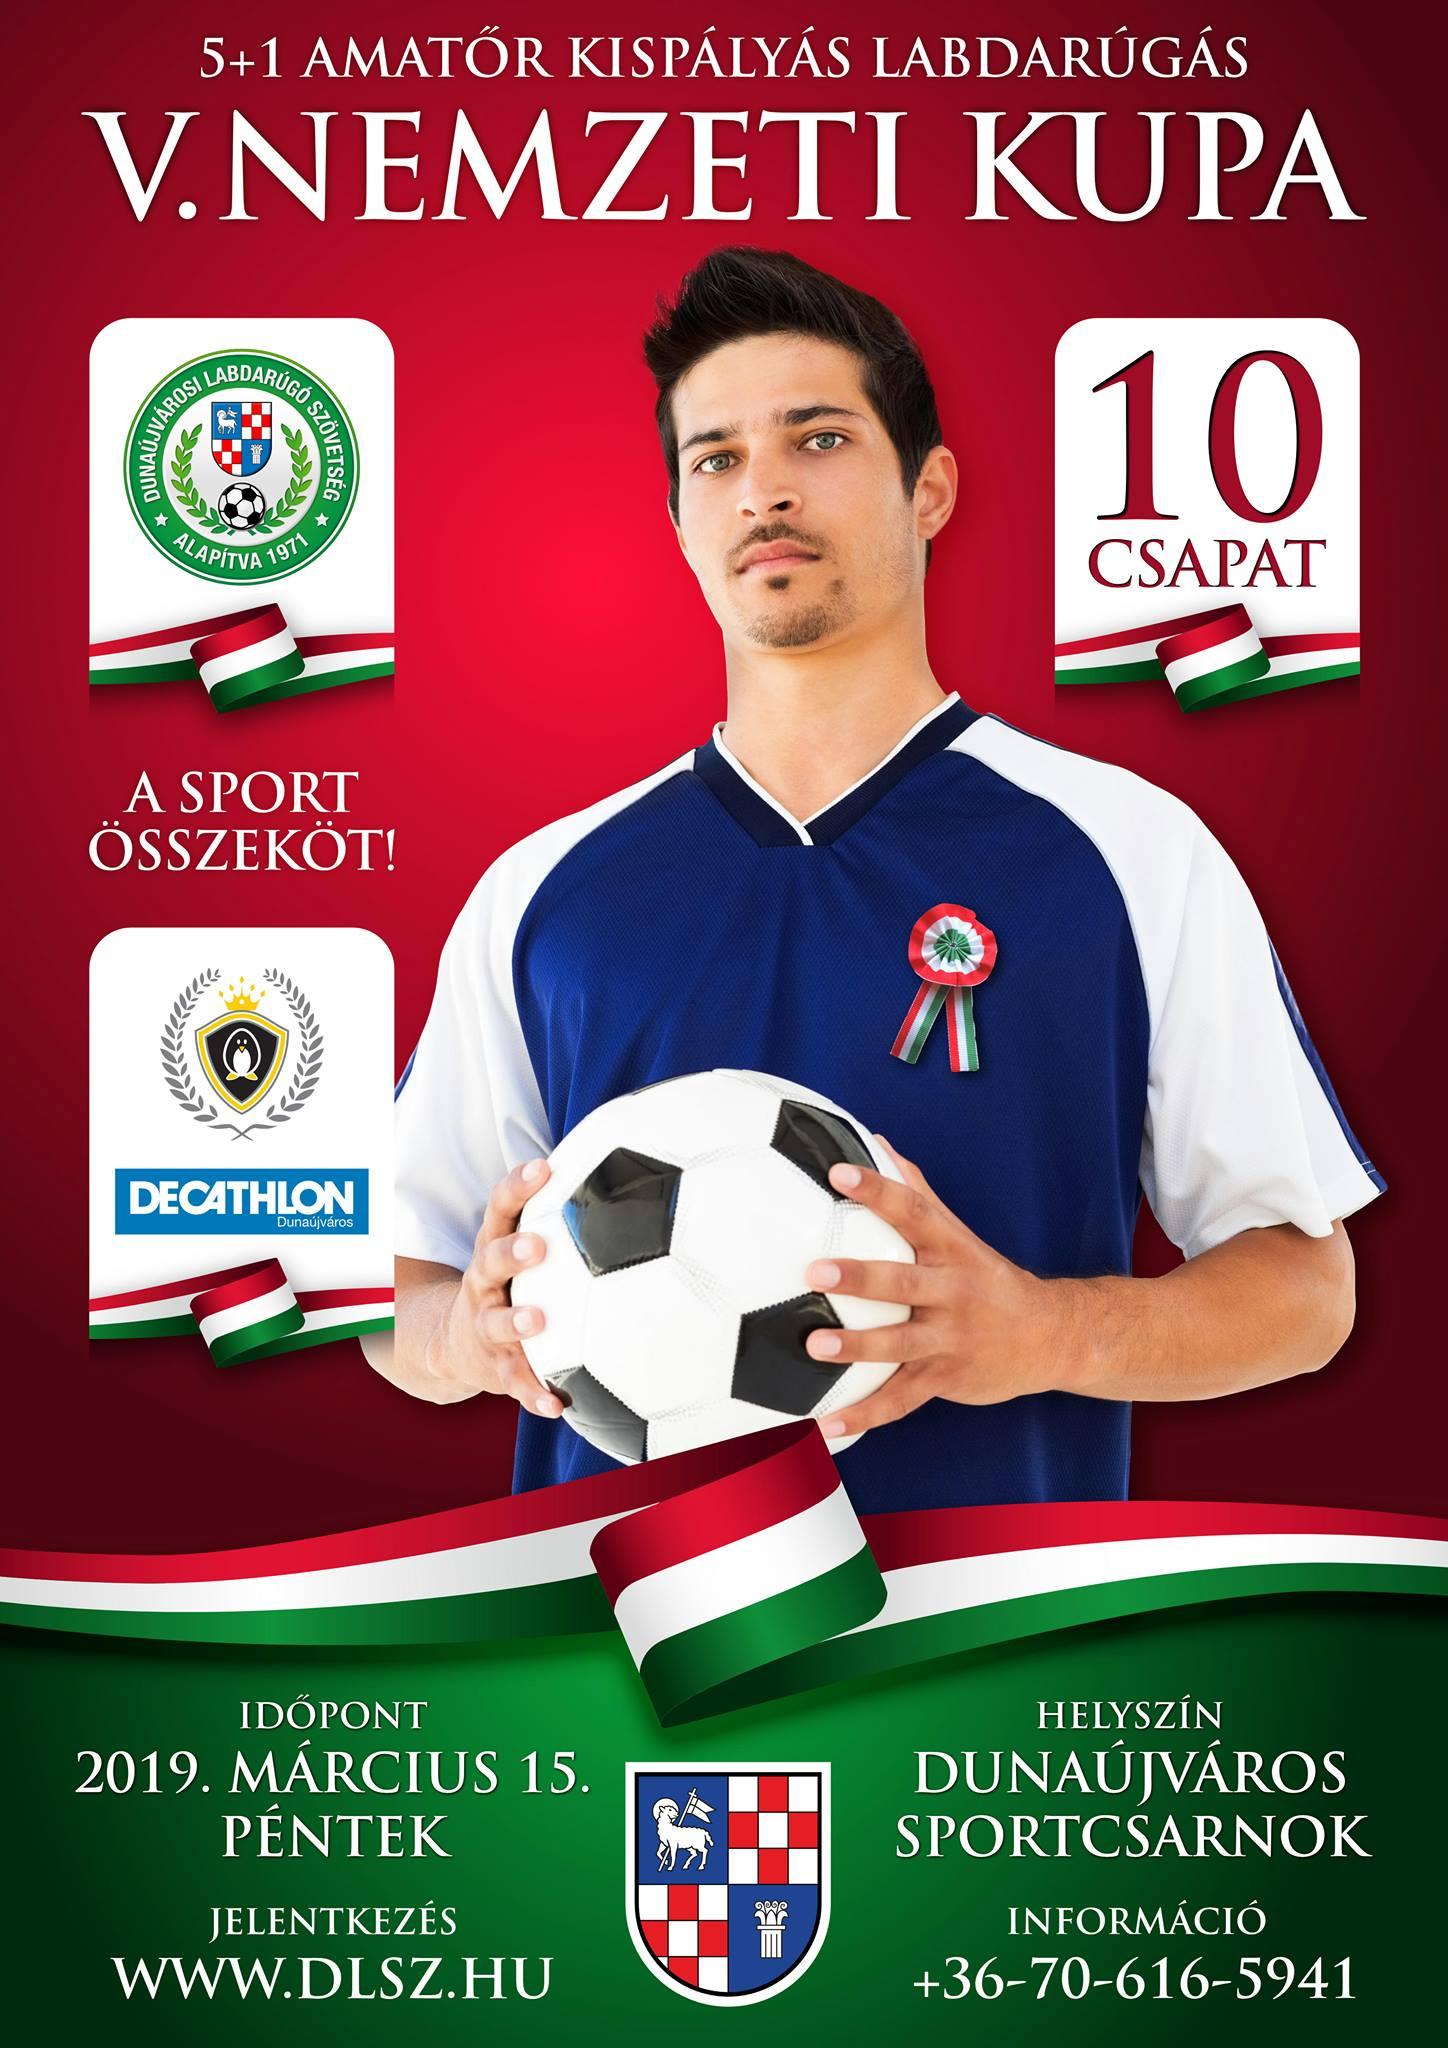 V. Nemzeti Kupa